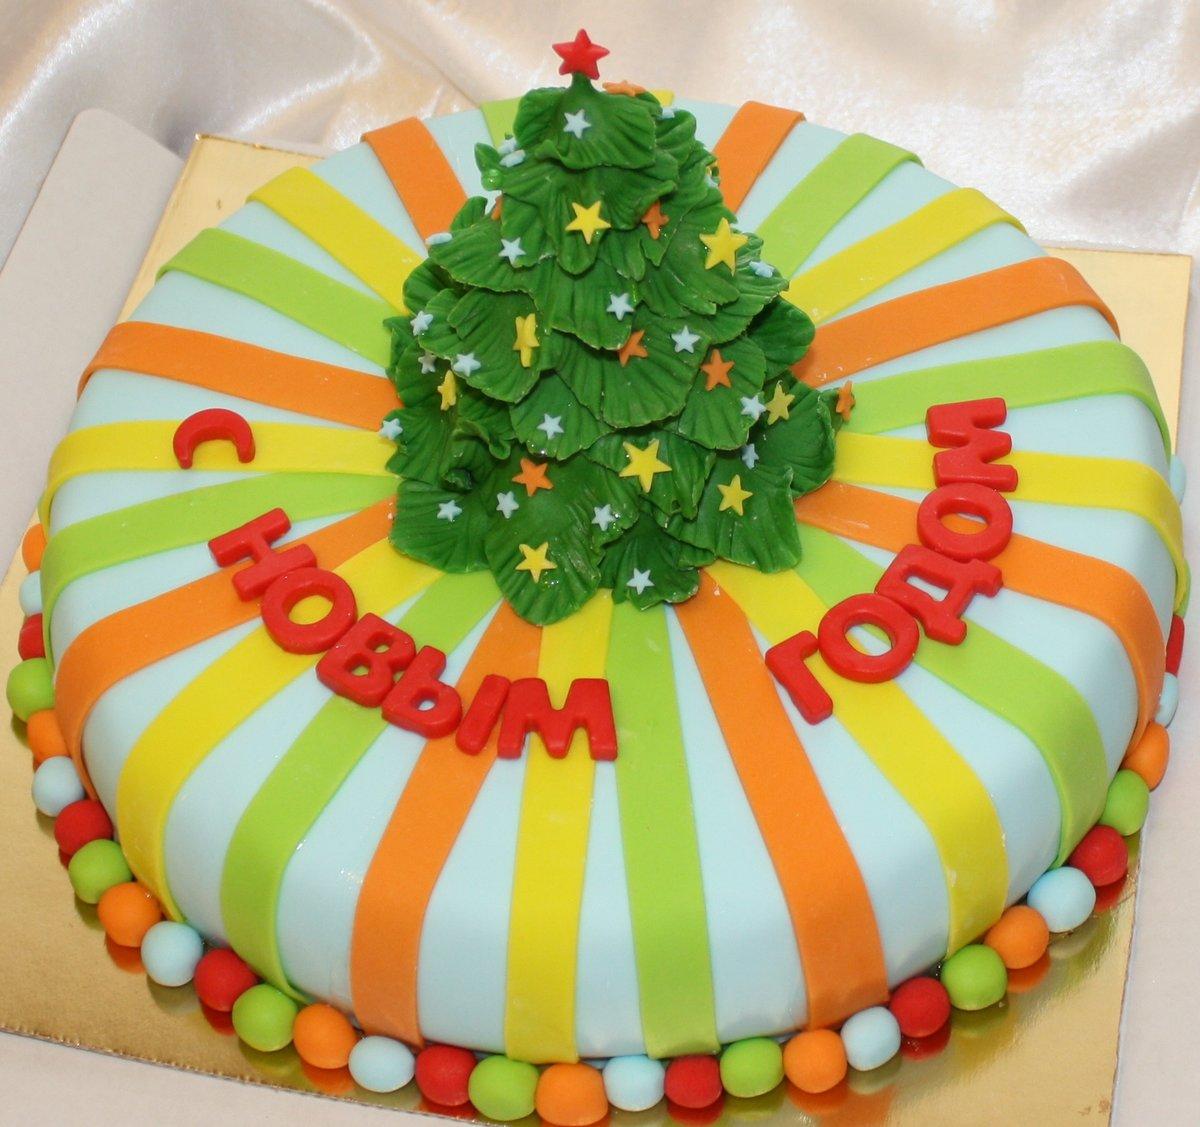 наиболее торт из мастики елка фото замена